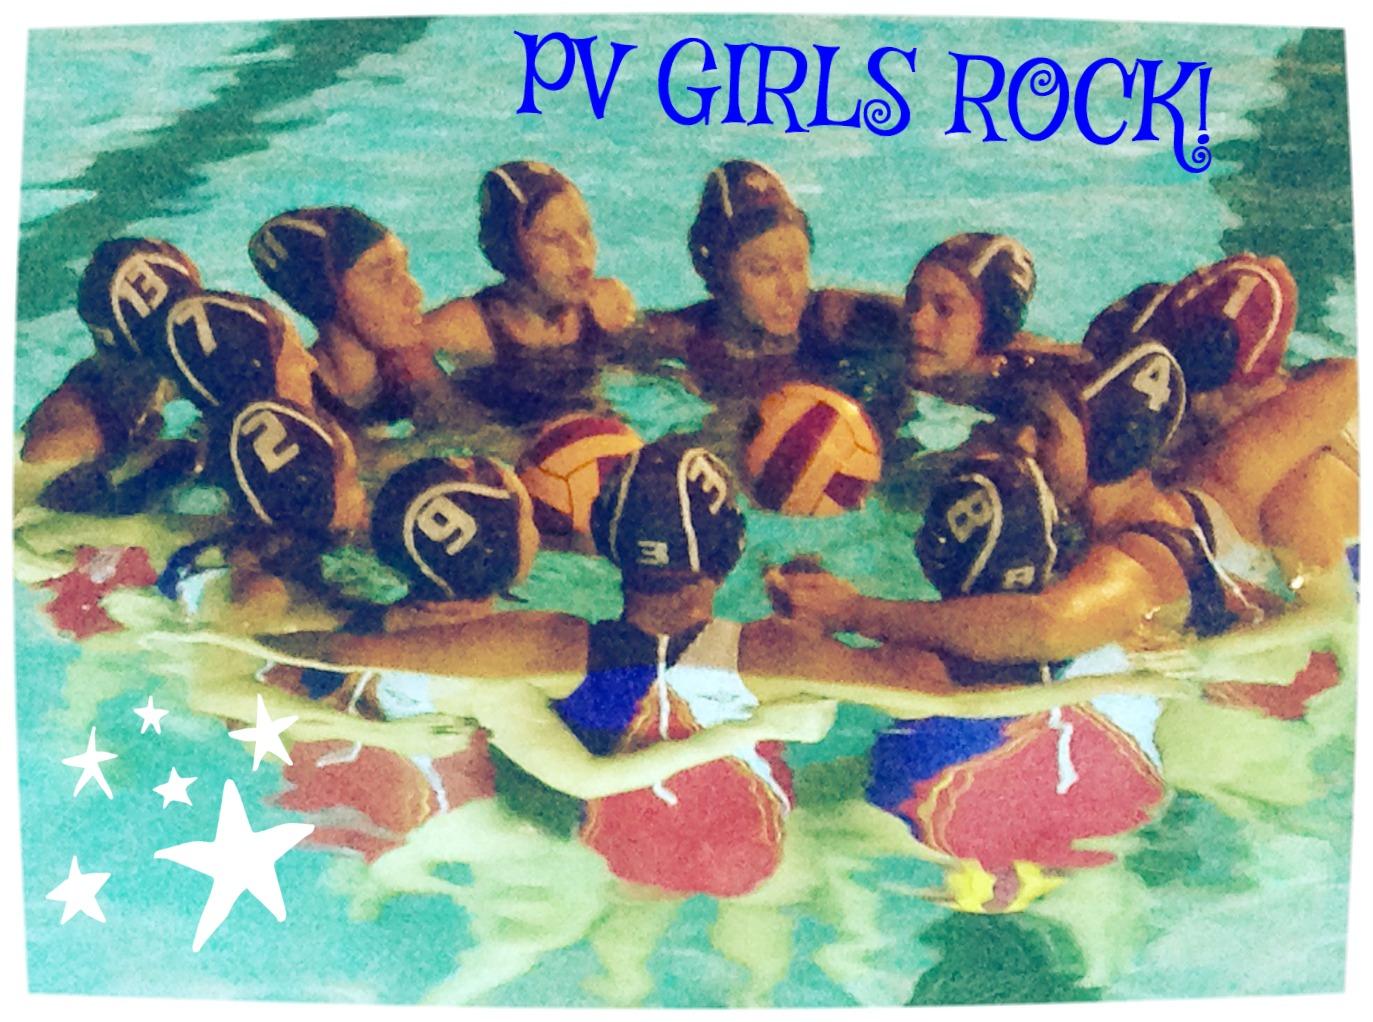 PV GIRLS ROCK!